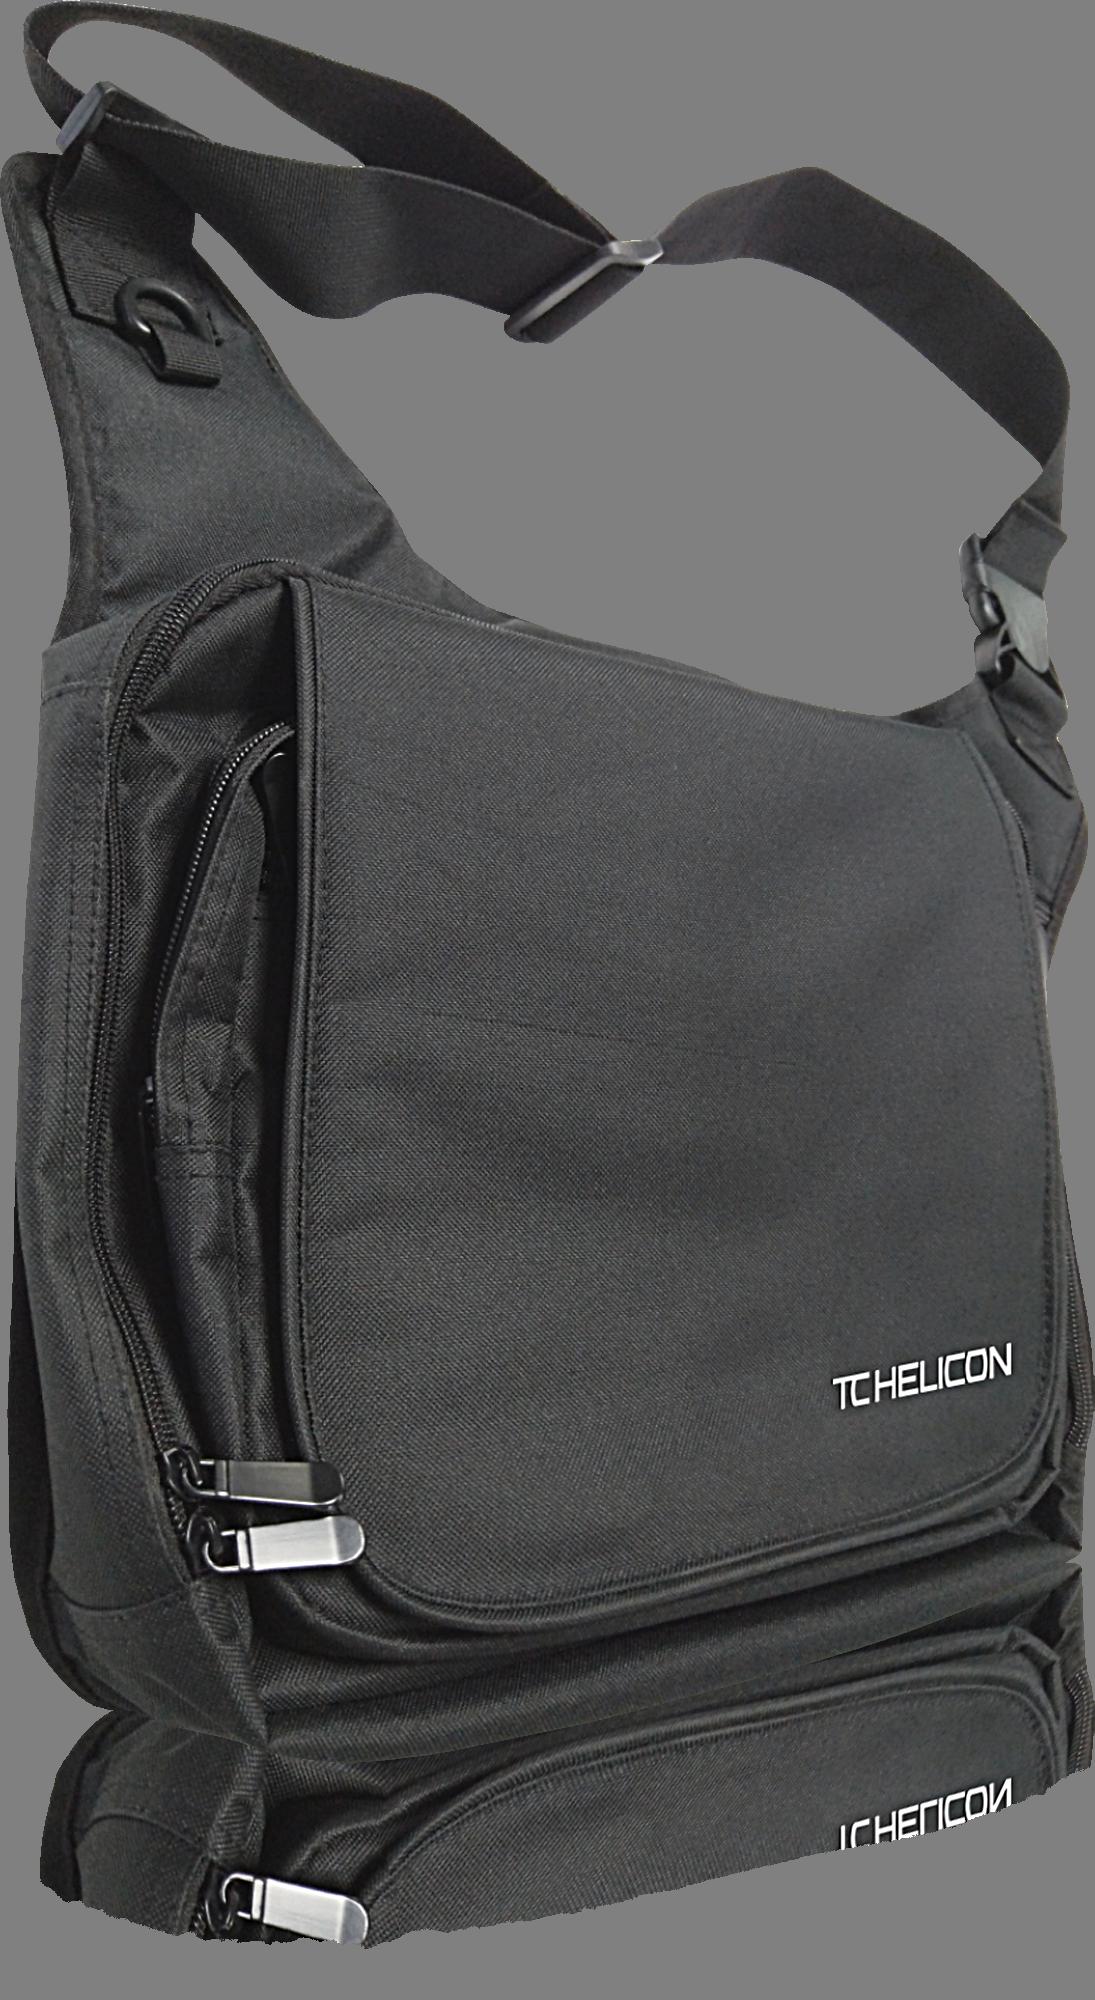 TC Helicon GIG BAG VL 3 - Transport bag